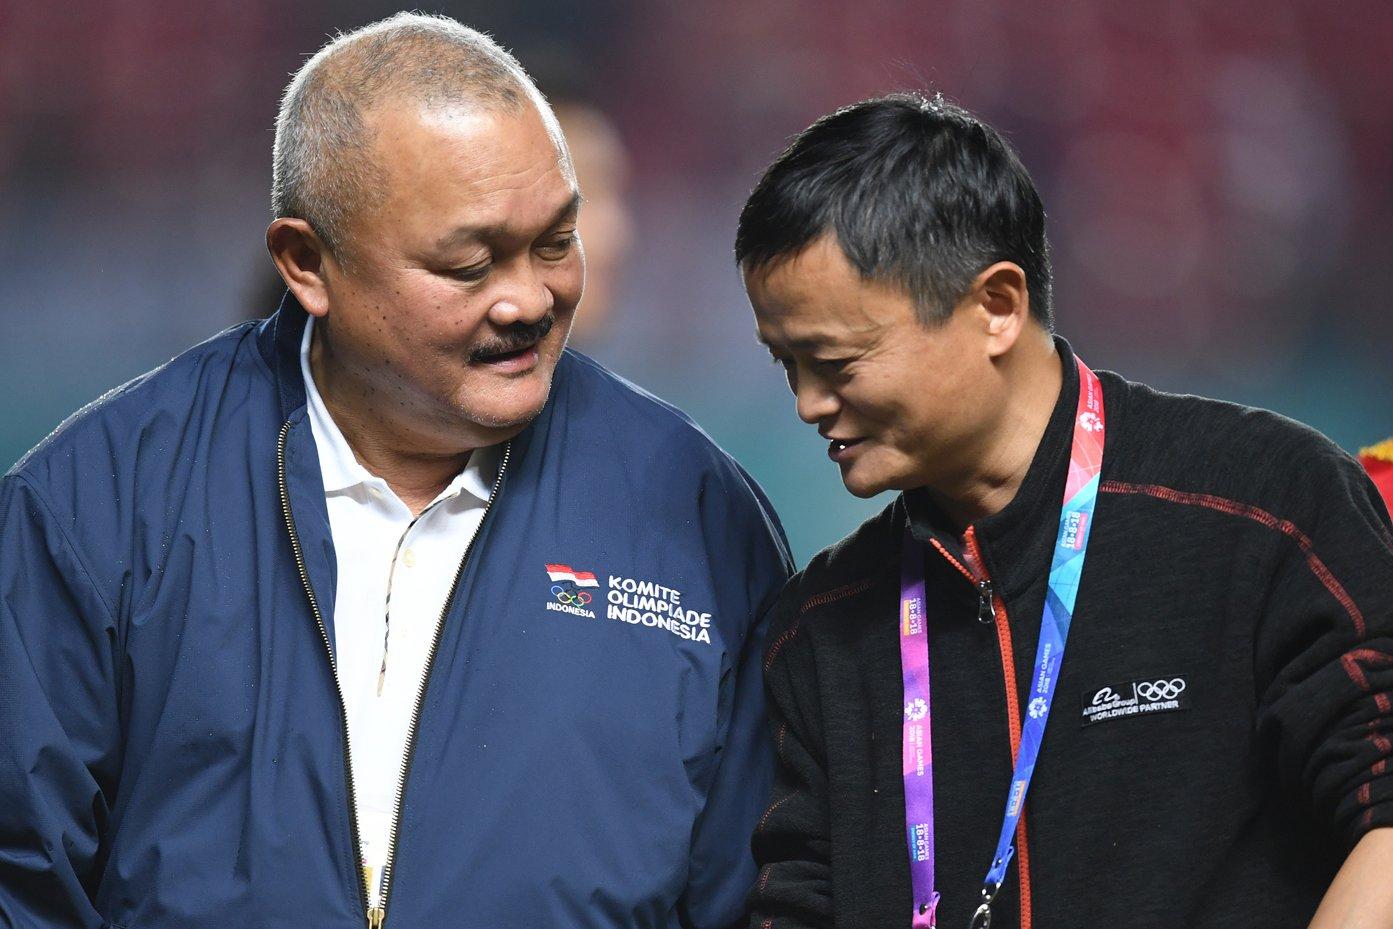 Gubernur Sumatera Selatan Alex Noerdin (kiri) berbincang dengan Executive Chairman Alibaba Group Jack Ma (kanan)di sela-sela acara pemberian medali kejuaraan sepak bola wanita Asian Games 2018 di Stadion Gelora Sriwijaya Jakabaring, Palembang, Sumatera Selatan, Jumat (31/8).